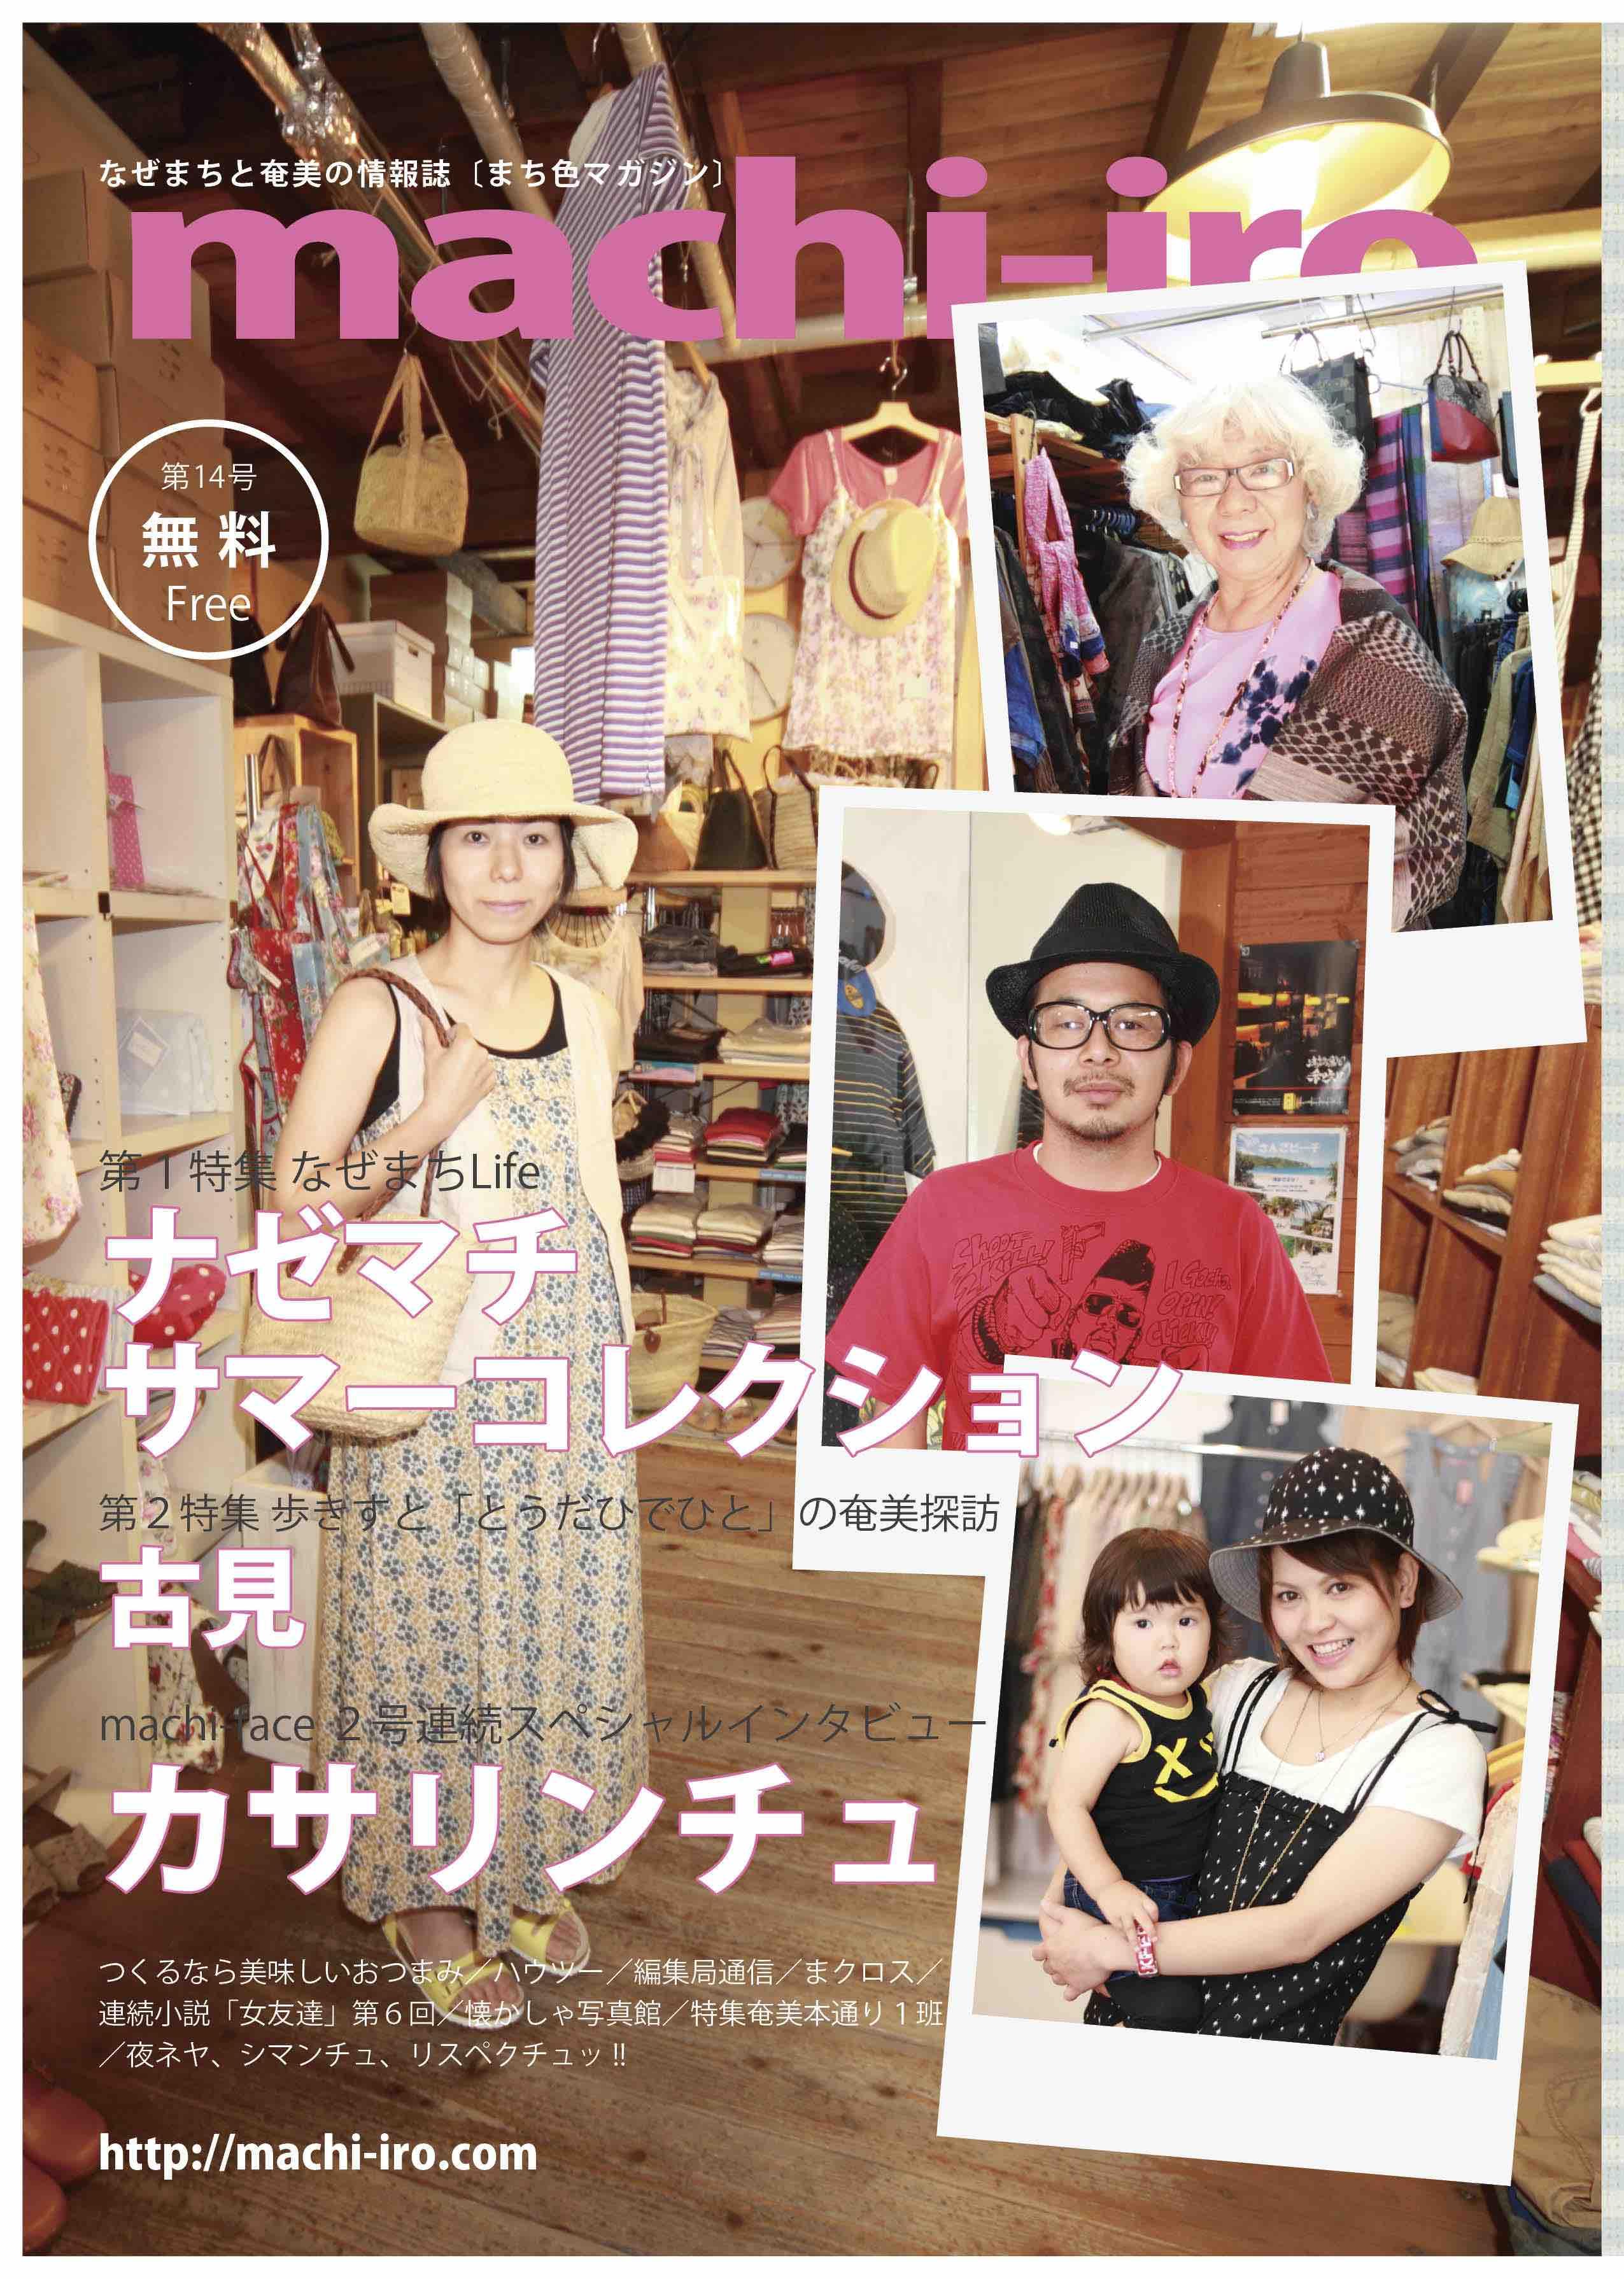 machi-iro magazine #14